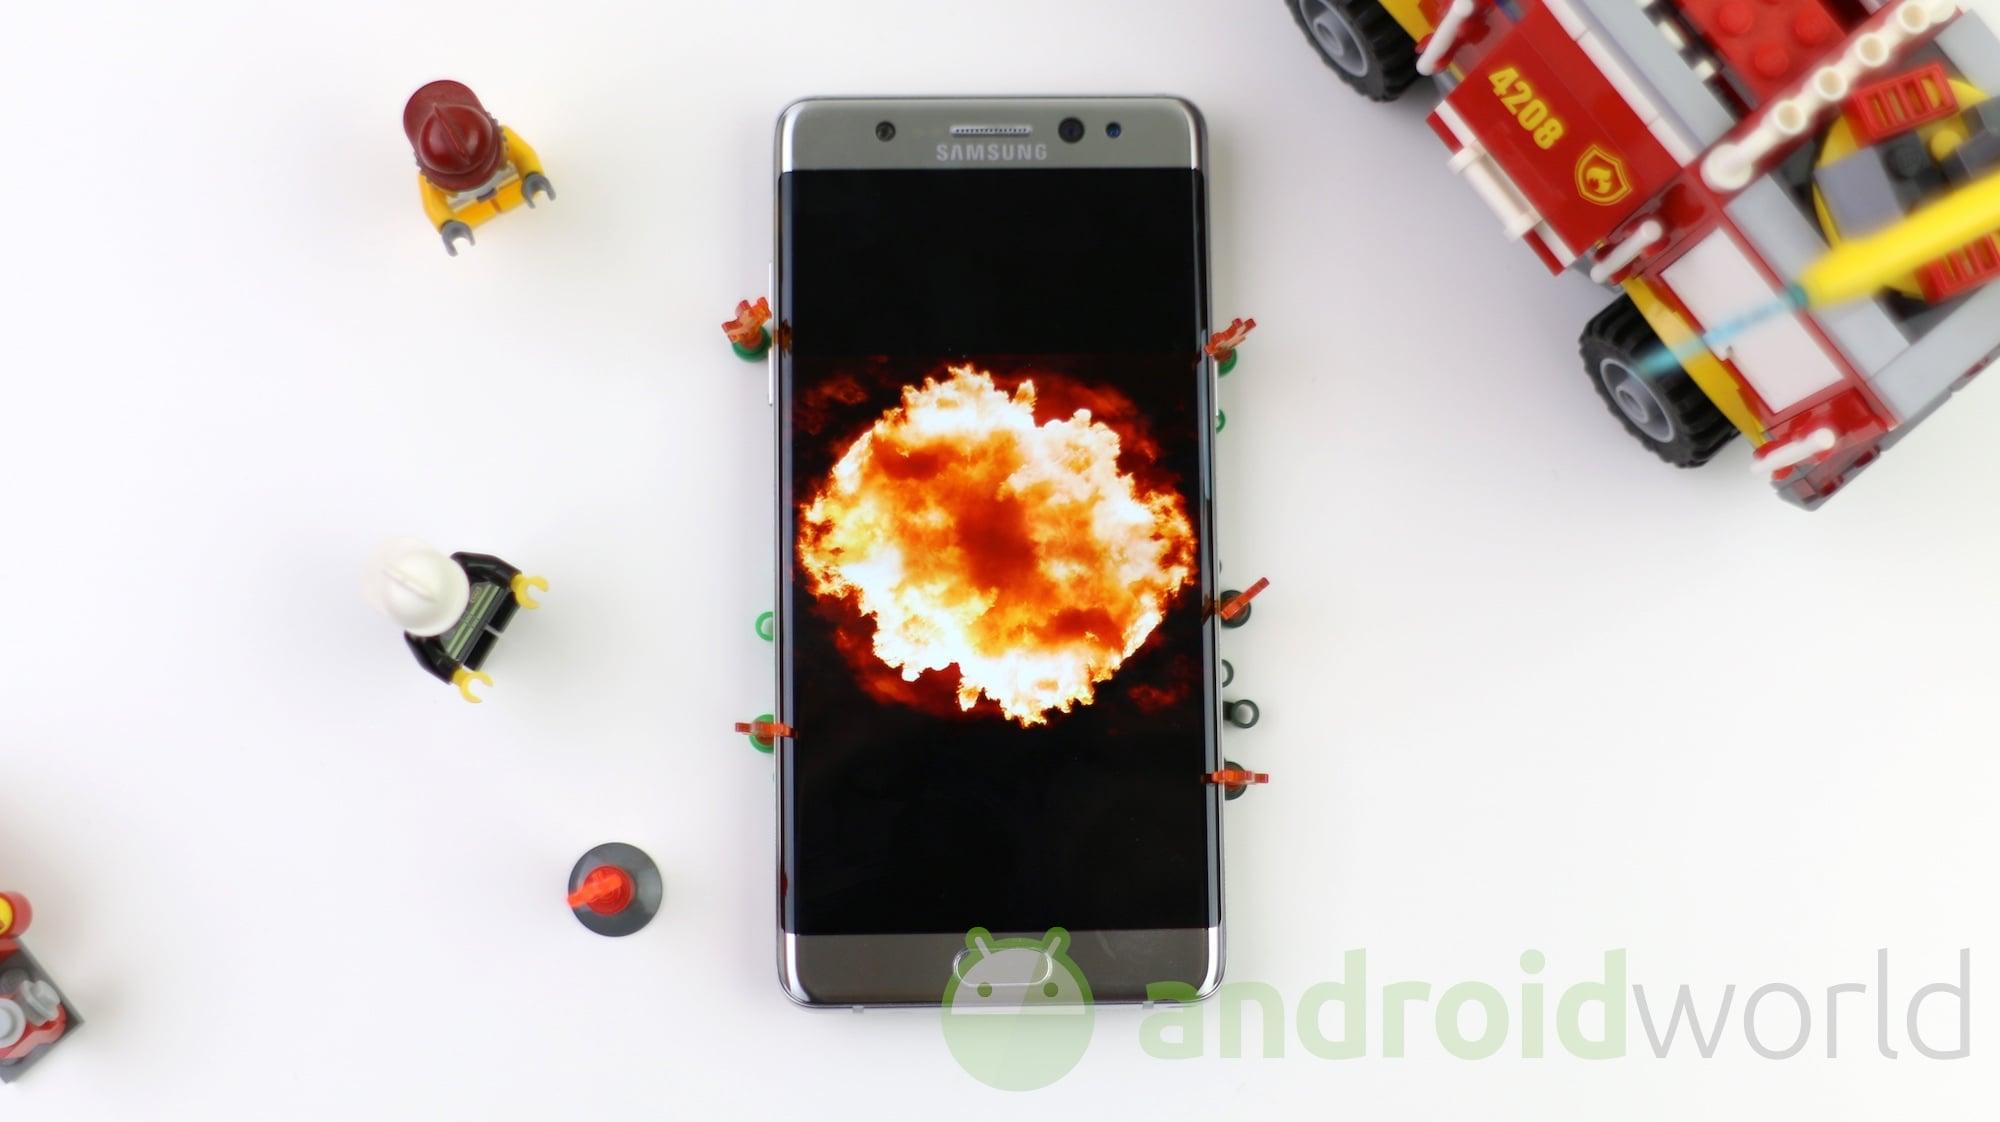 Non credete a chi vi dice che il vostro Galaxy Note 7 è sicuro: ecco come sostituirlo!